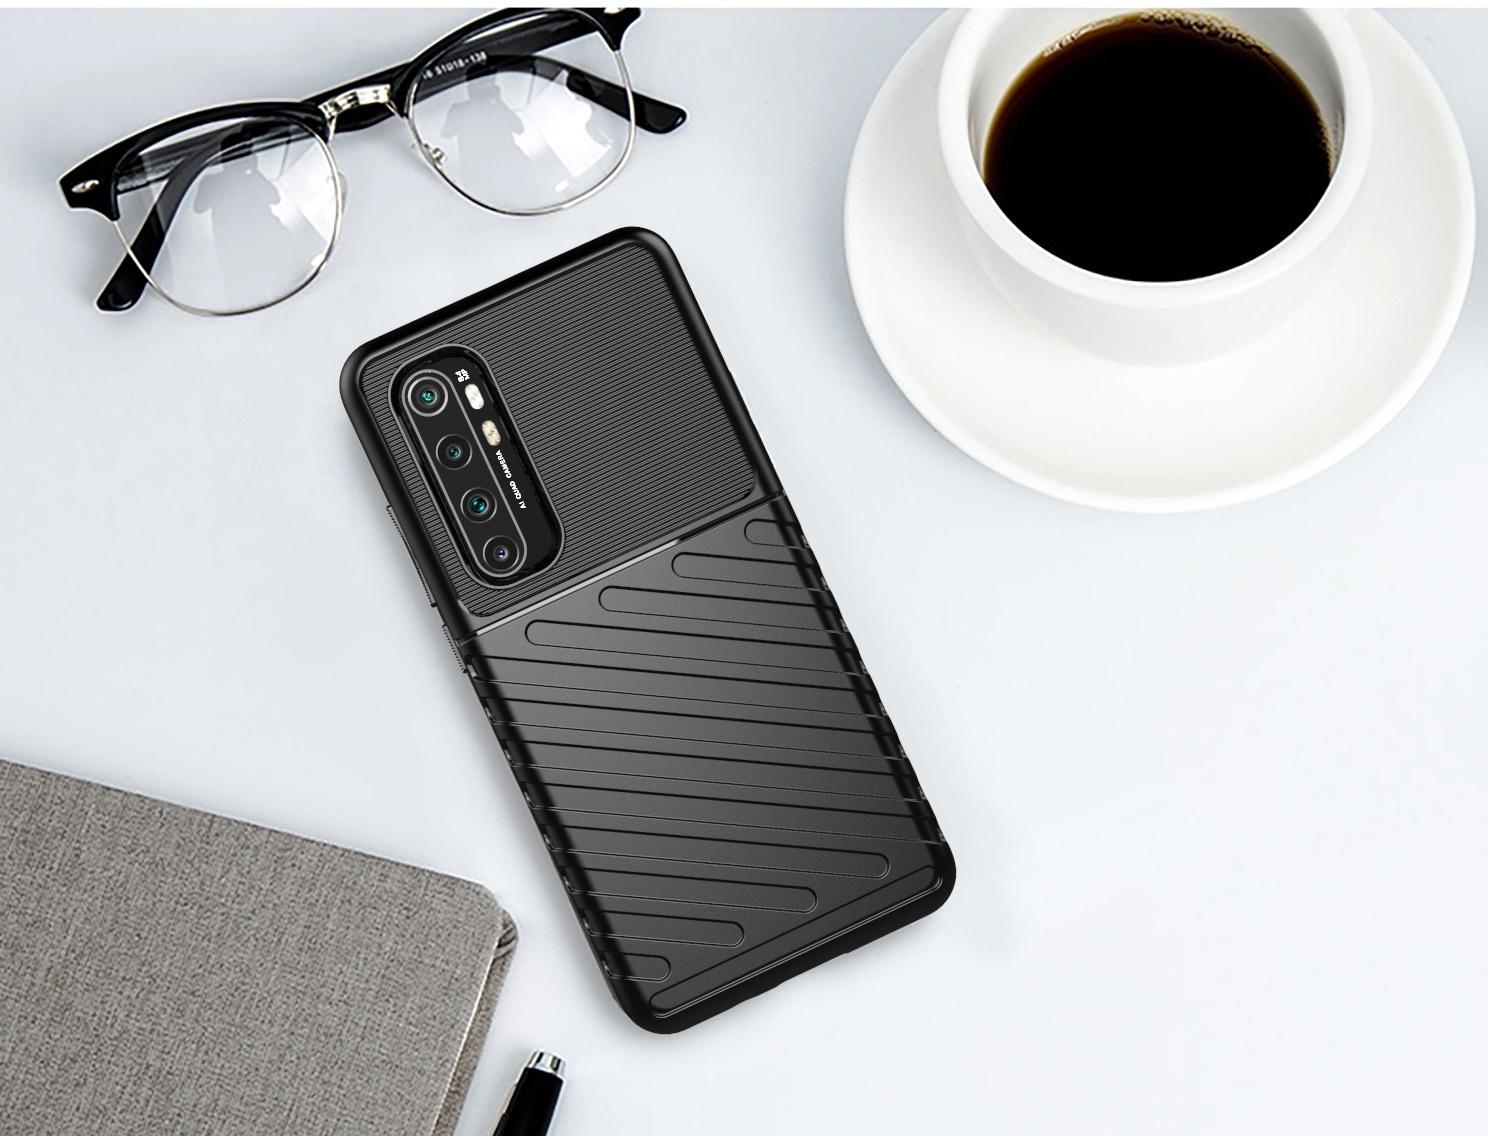 Противоударный чехол на Xiaomi Mi Note 10 Lite, черный цвет, серии Onyx от Caseport